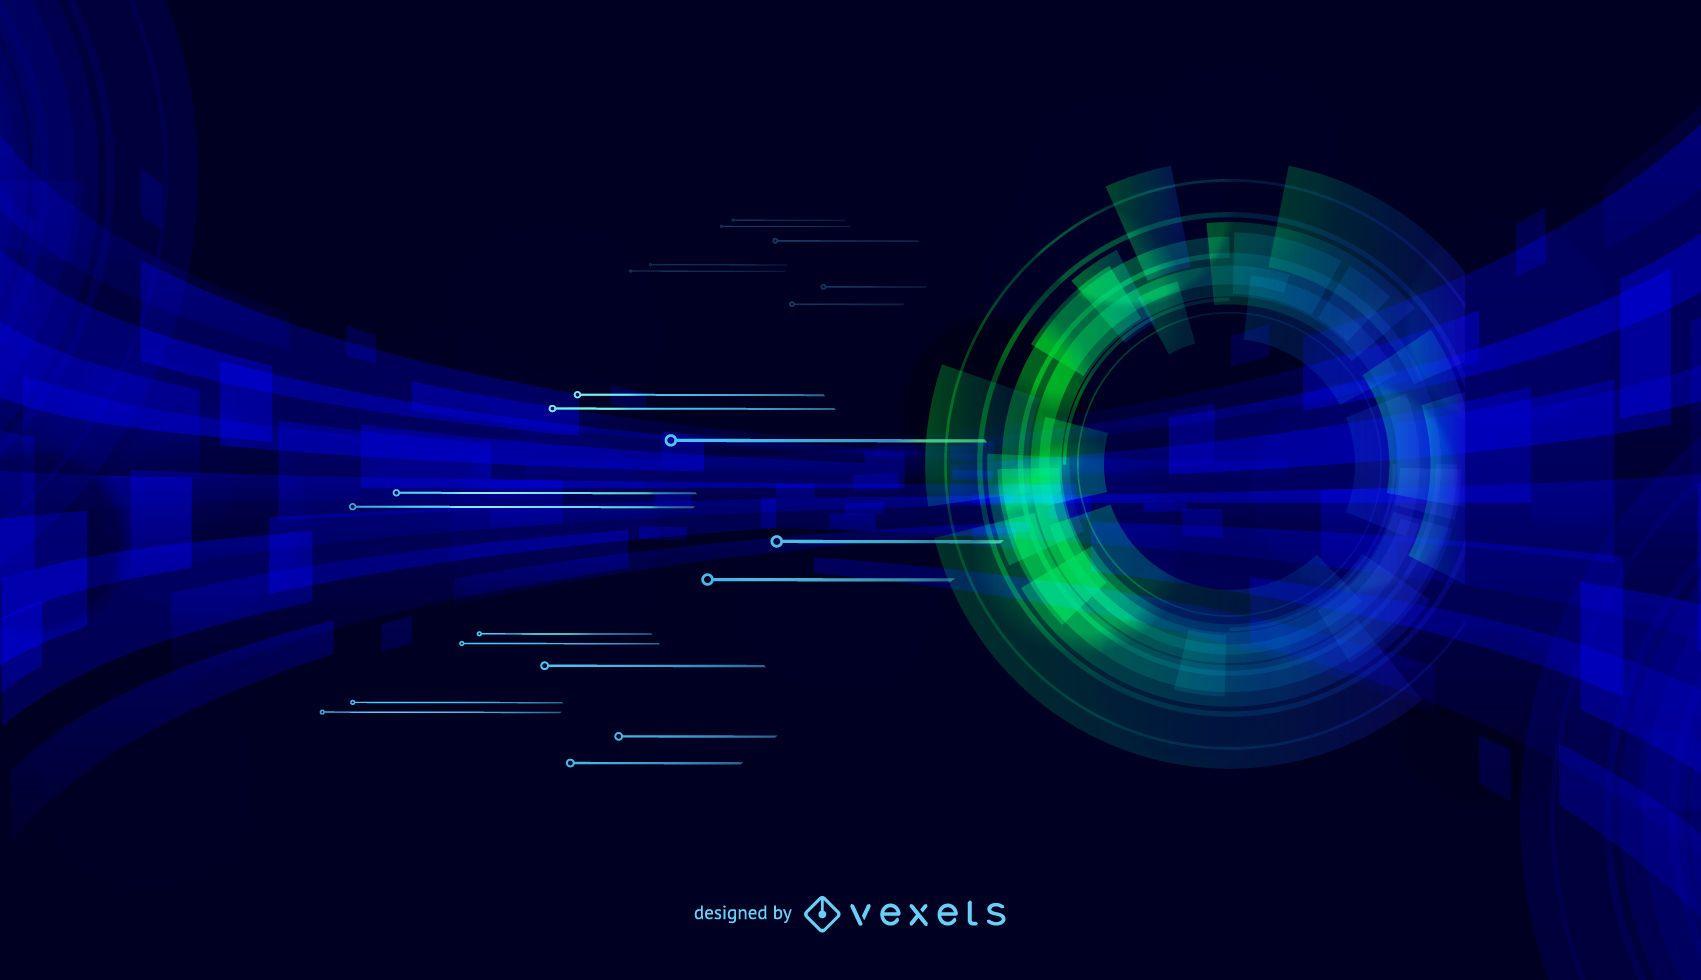 Publicidad Imagenes Abstractas: Fondo Abstracto Oscuridad 2